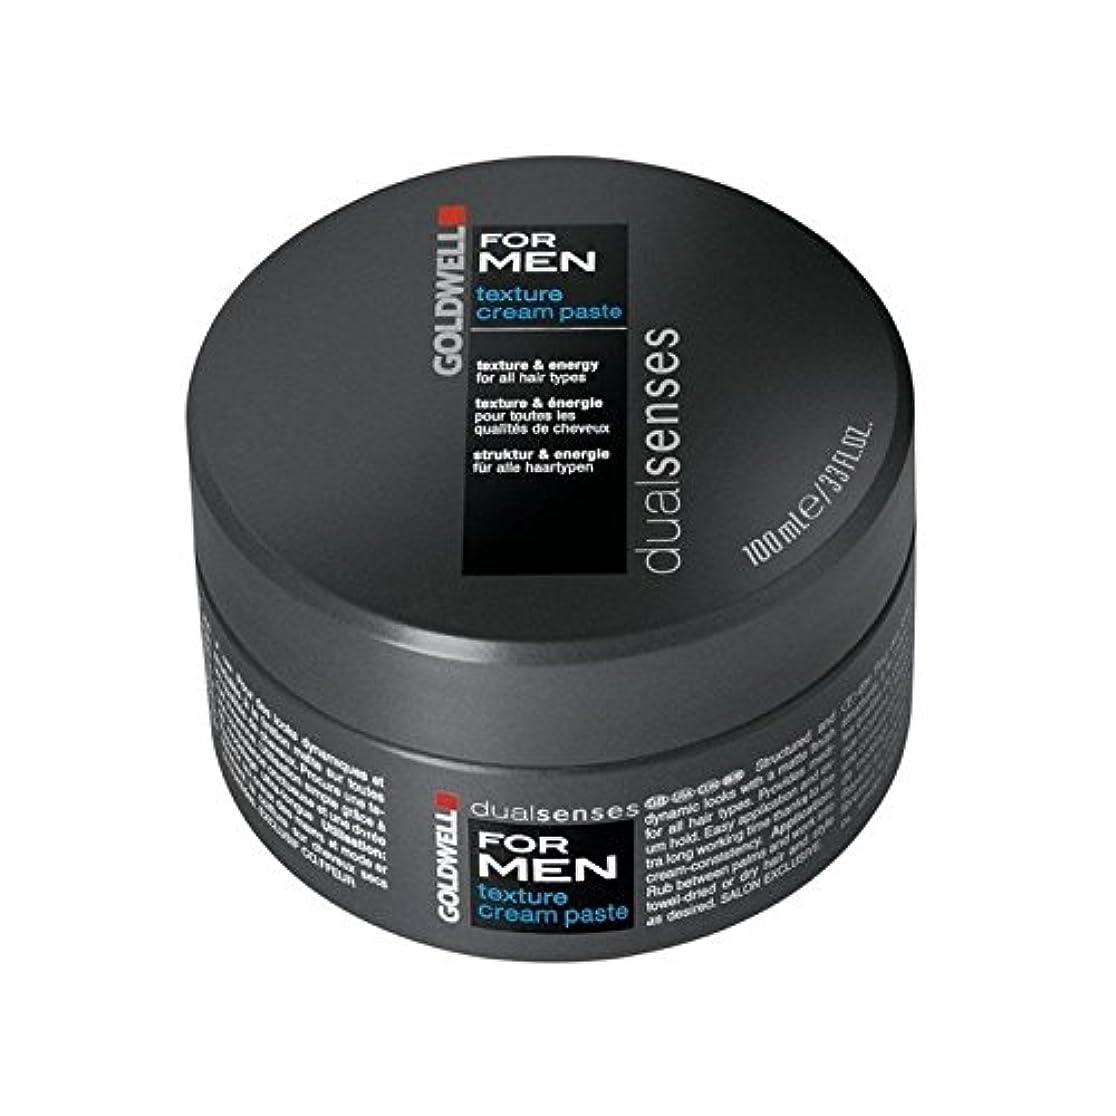 ダルセットコース魔女Goldwell Dualsenses For Men Texture Cream Paste (100ml) - 男性のテクスチャーのクリームペースト(100ミリリットル)のためのの [並行輸入品]